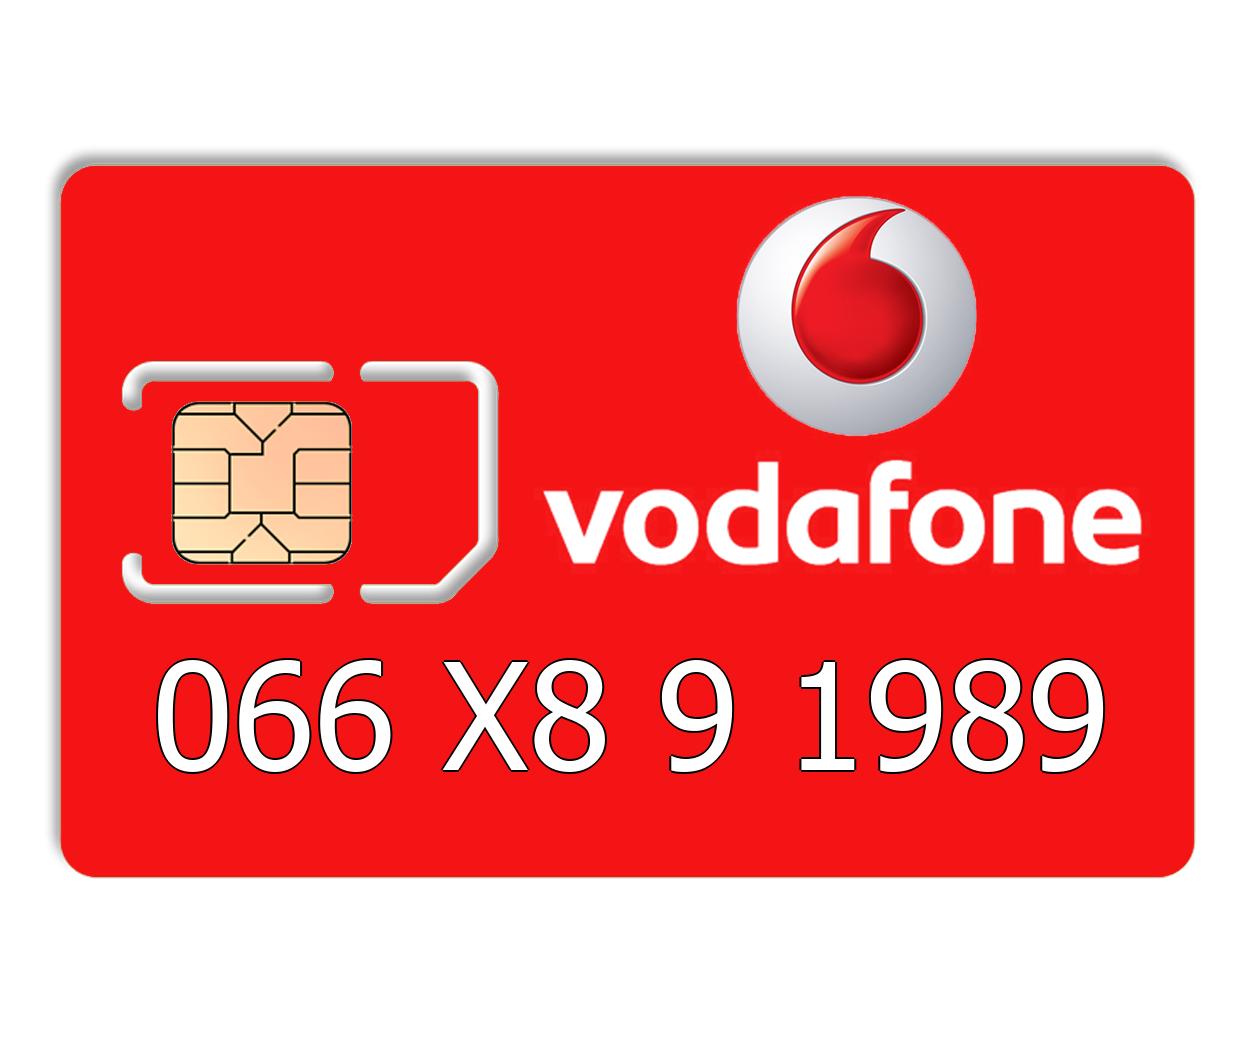 Красивый номер Vodafone 066 X8 9 1989